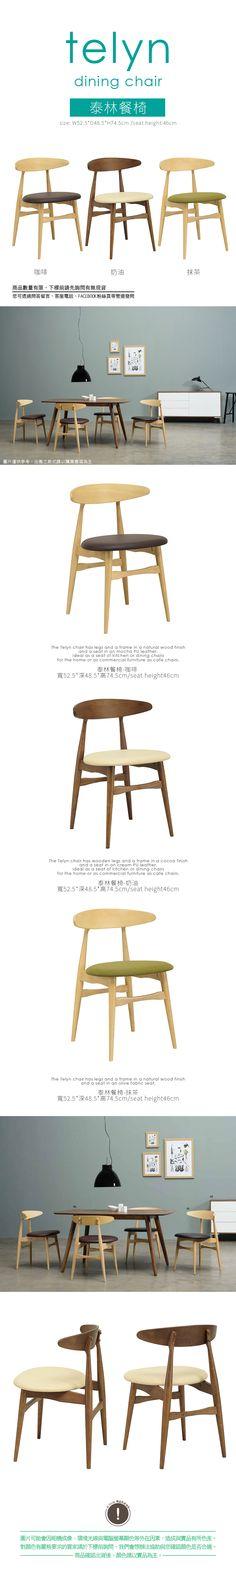 泰林實木餐椅 網路售價: $2500 / 日租: $500